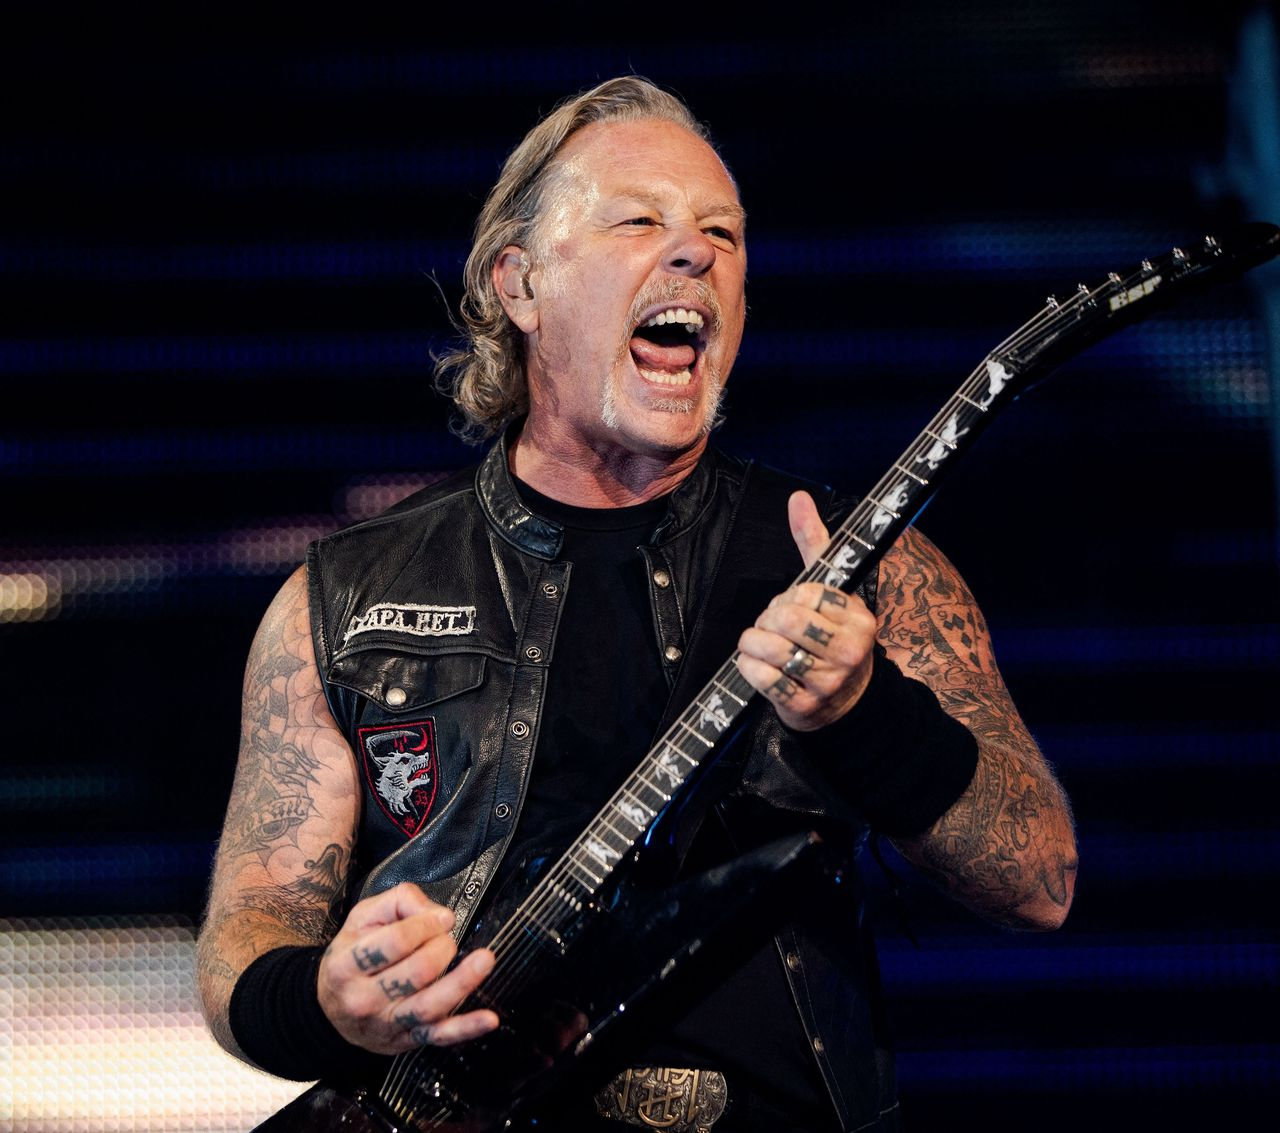 Zanger en gitarist James Hetfield van Metallica tijdens een optreden in 2019.